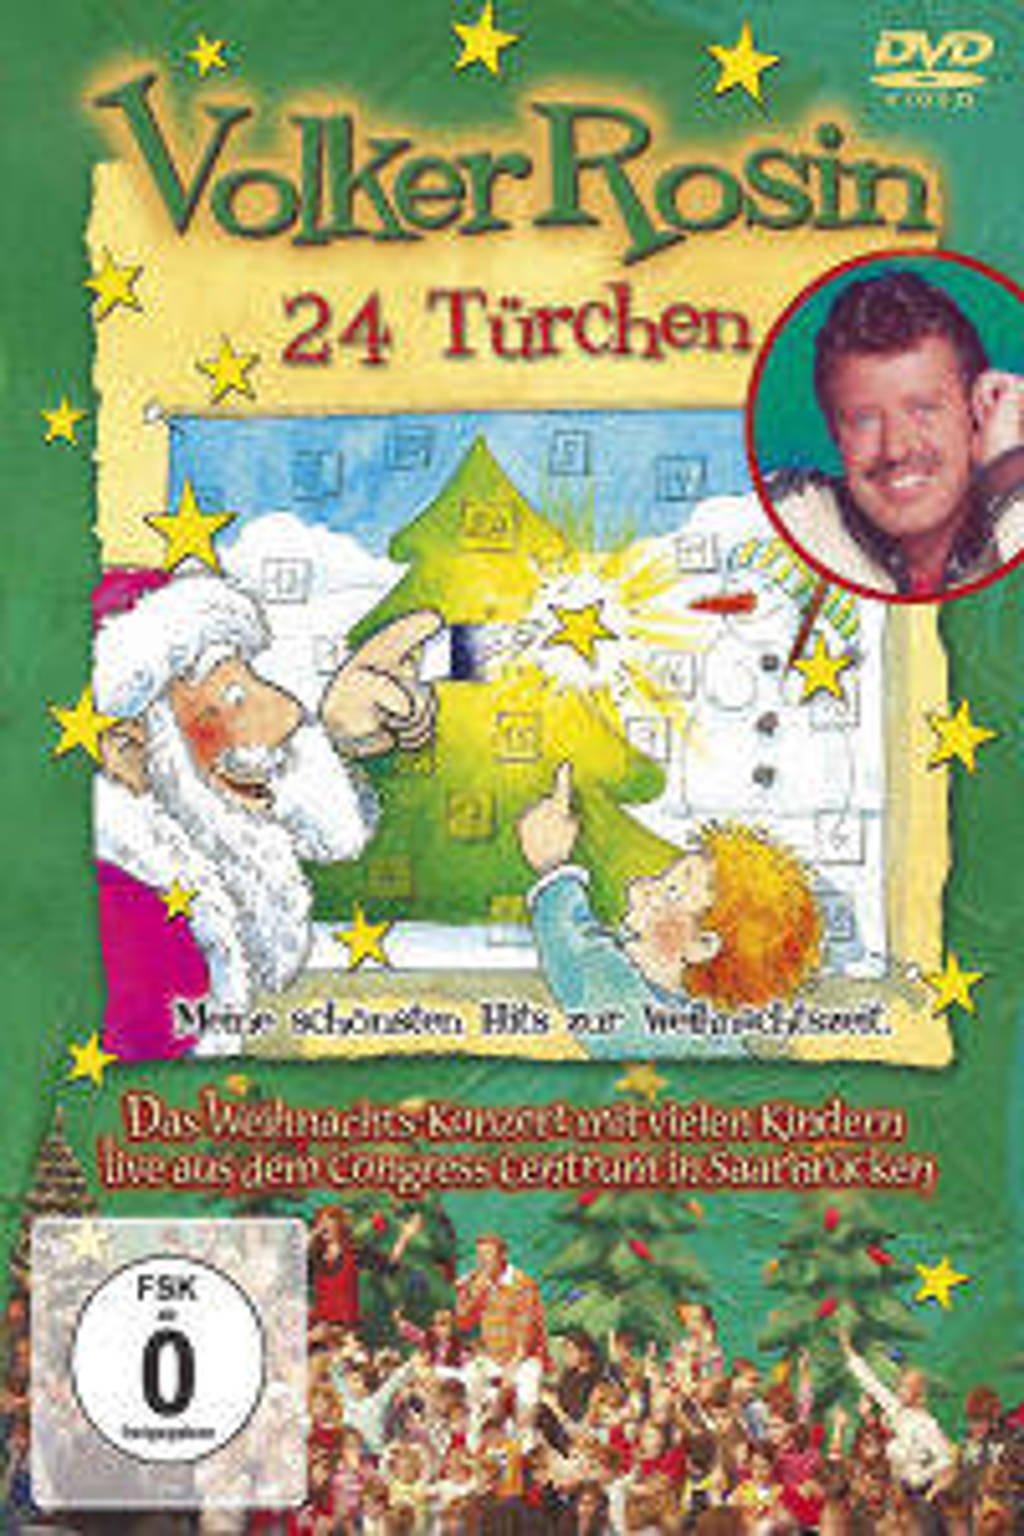 Volker Rosin - 24 Turchen - Die Weihnachts-Konzert (DVD)